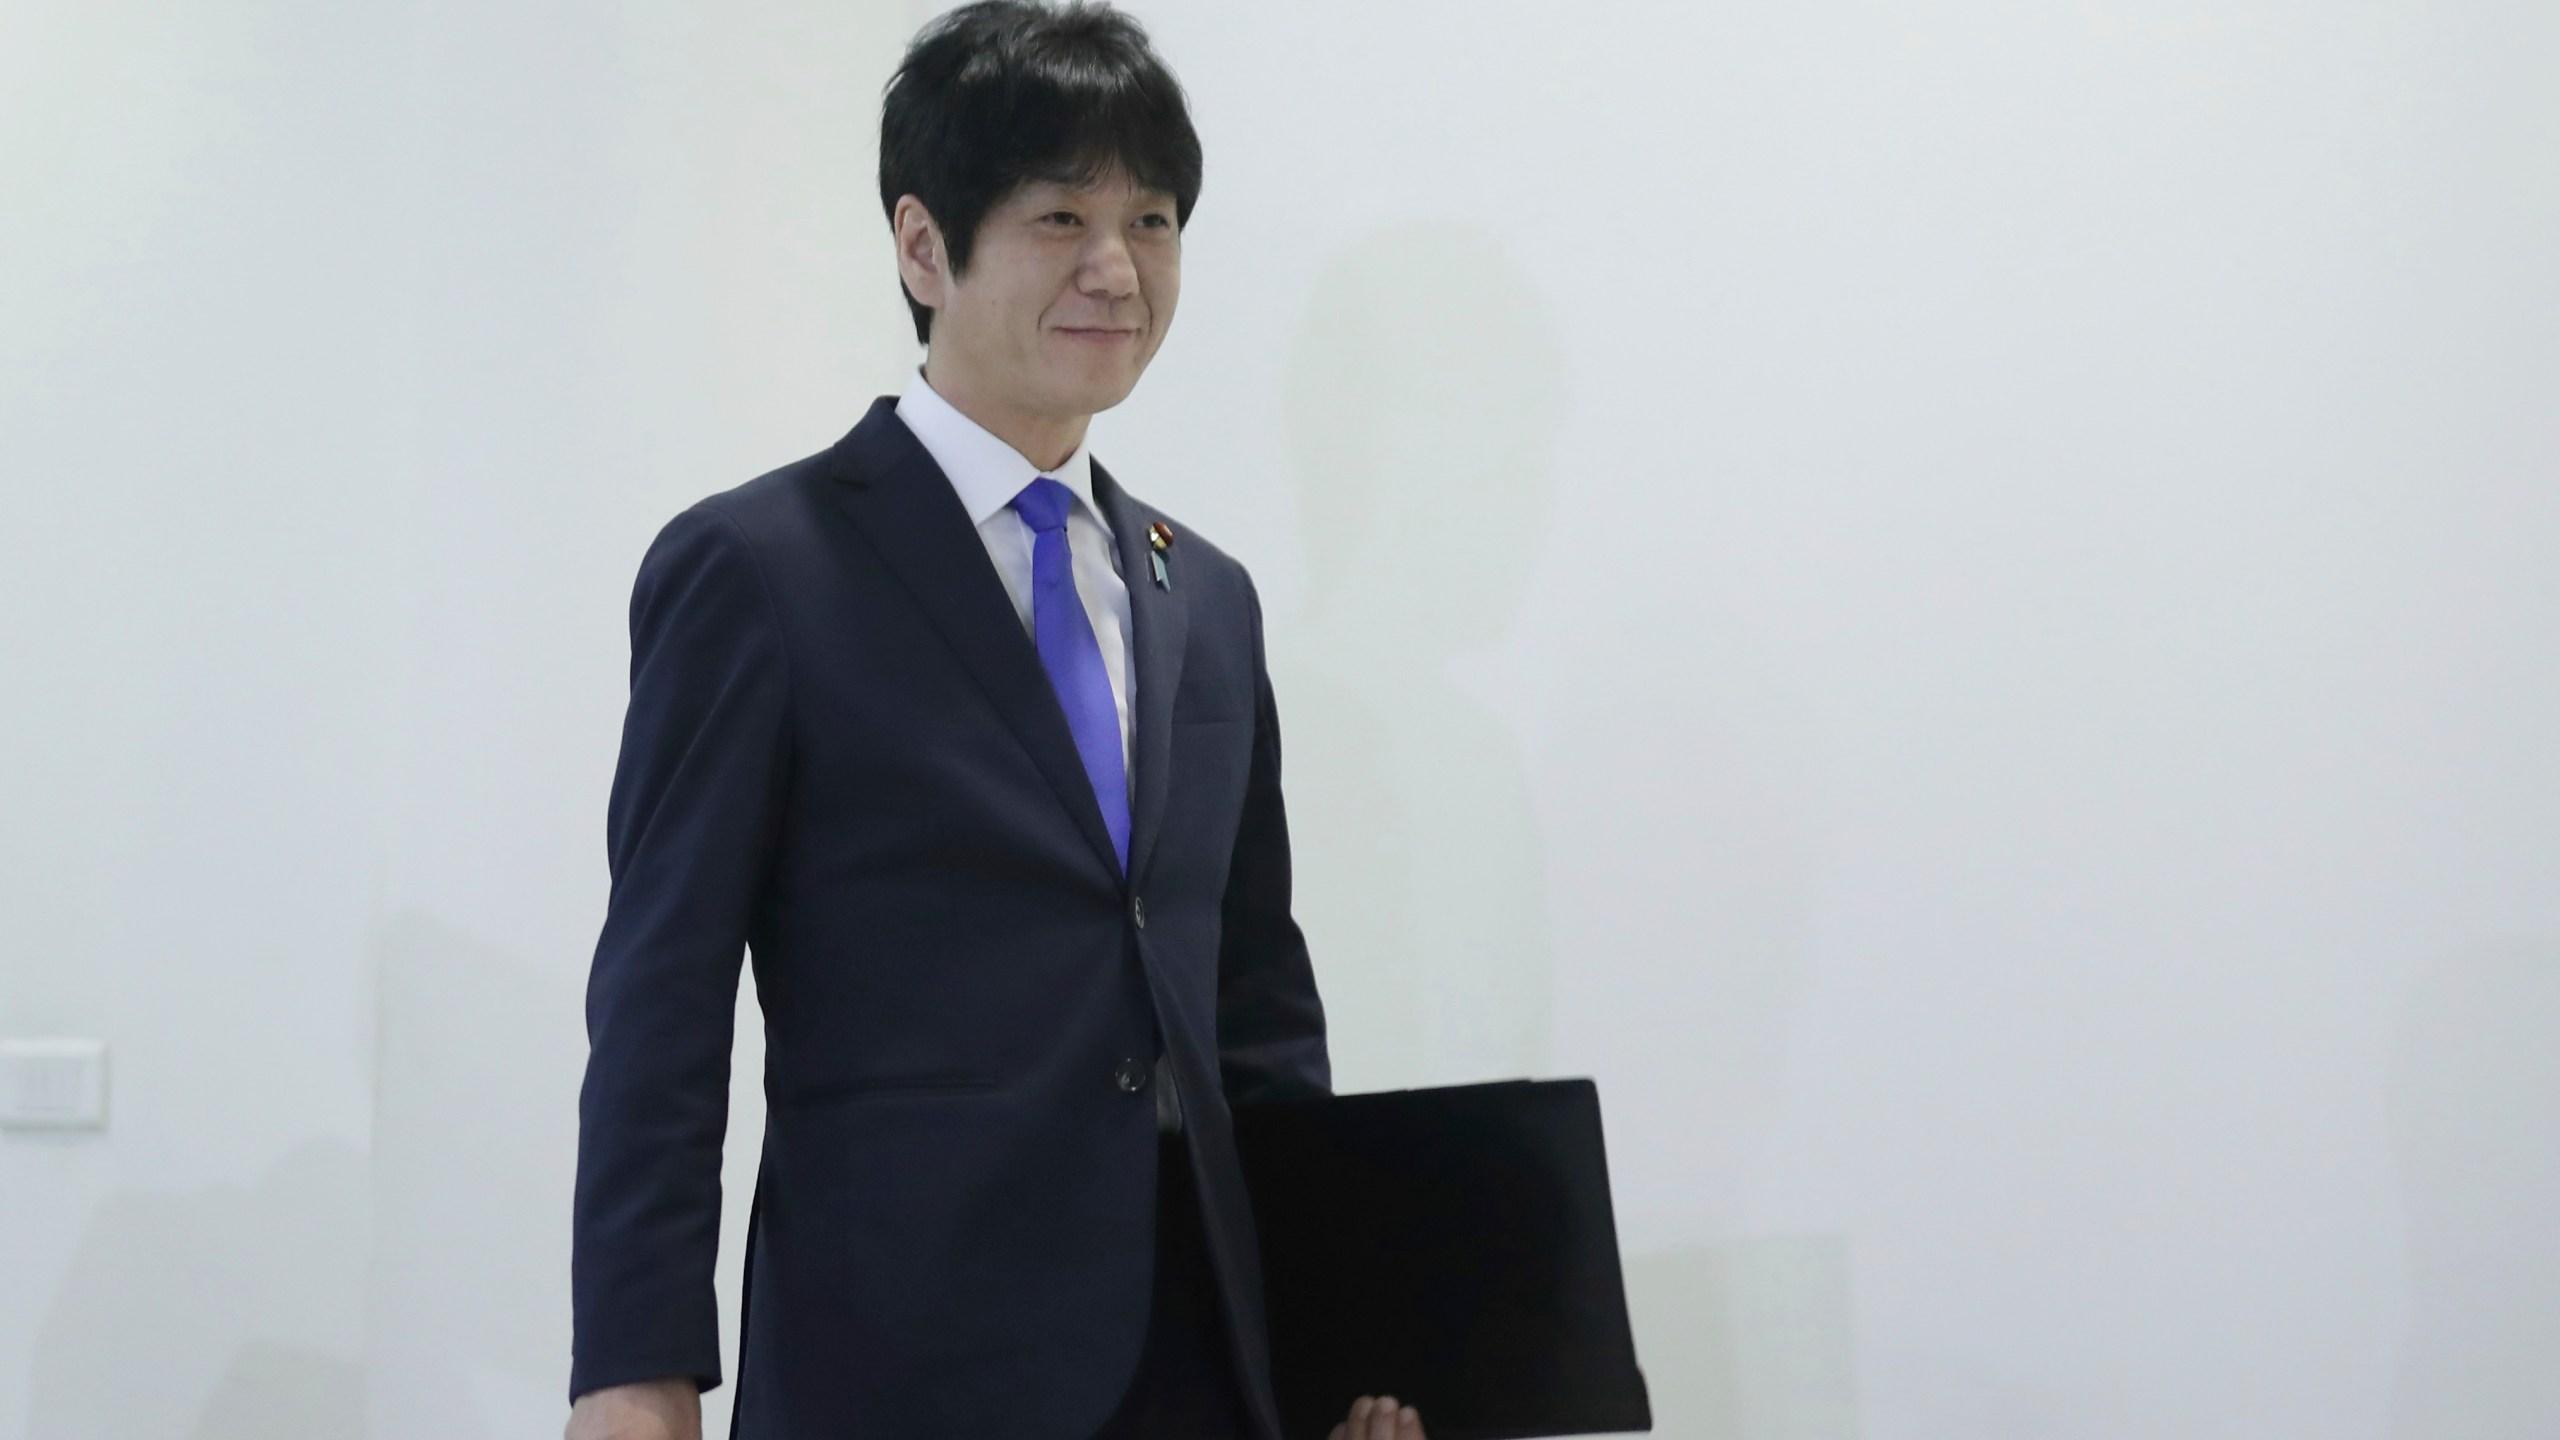 Hiroyuki Yoshiie